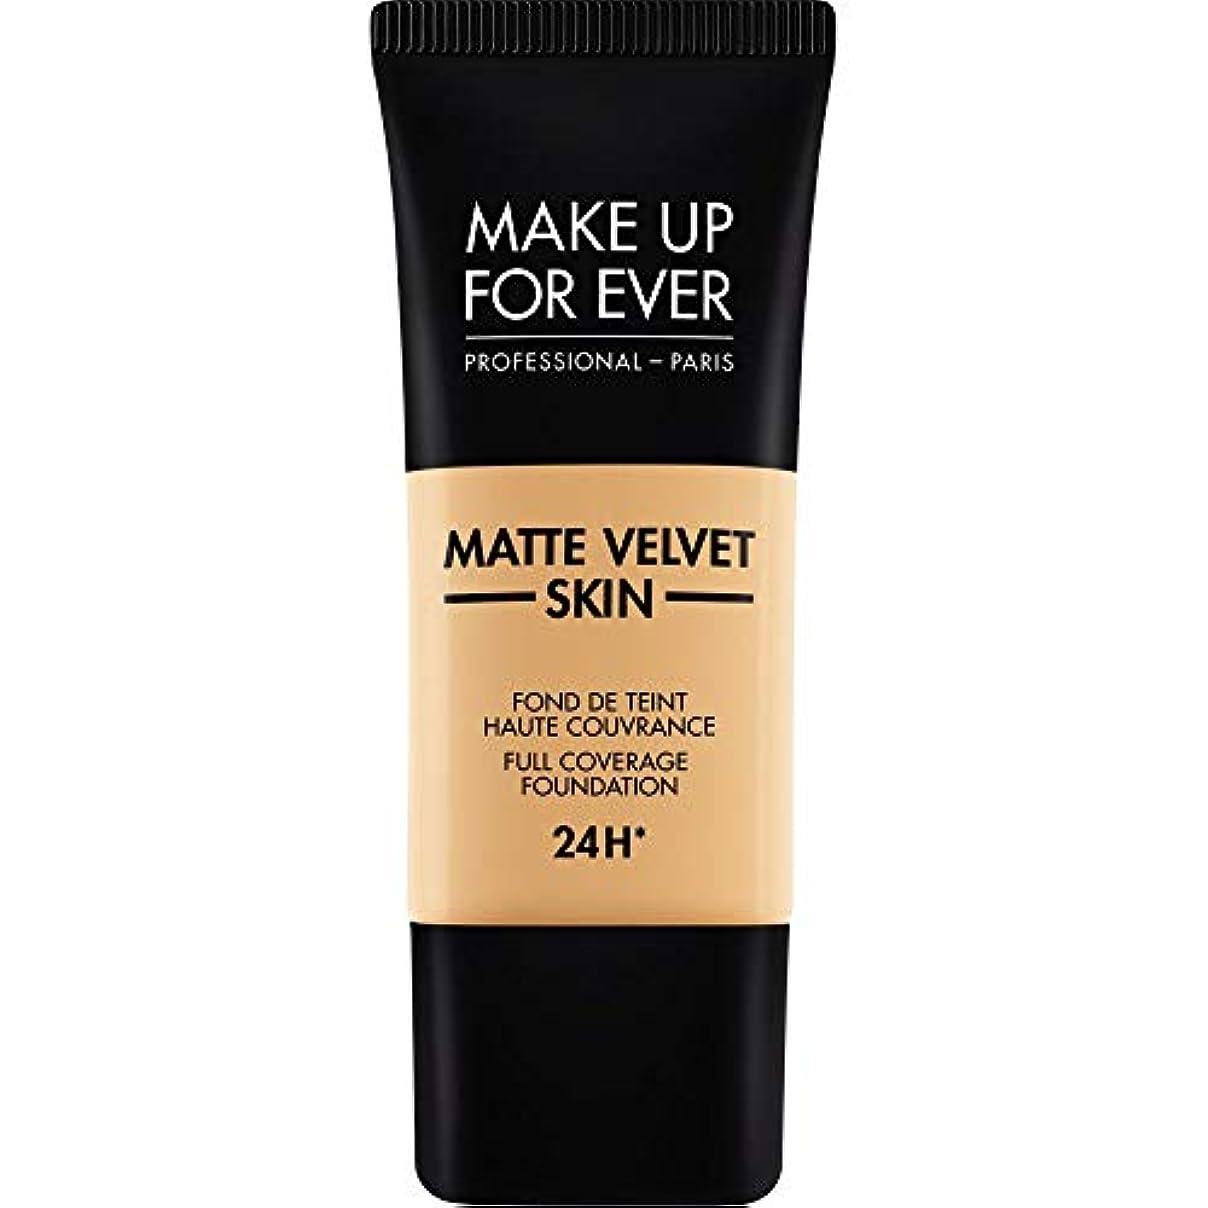 化石しつけ舞い上がる[MAKE UP FOR EVER ] ナチュラルベージュ - これまでマットベルベットの皮膚のフルカバレッジ基礎30ミリリットルのY345を補います - MAKE UP FOR EVER Matte Velvet Skin Full Coverage Foundation 30ml Y345 - Natural Beige [並行輸入品]